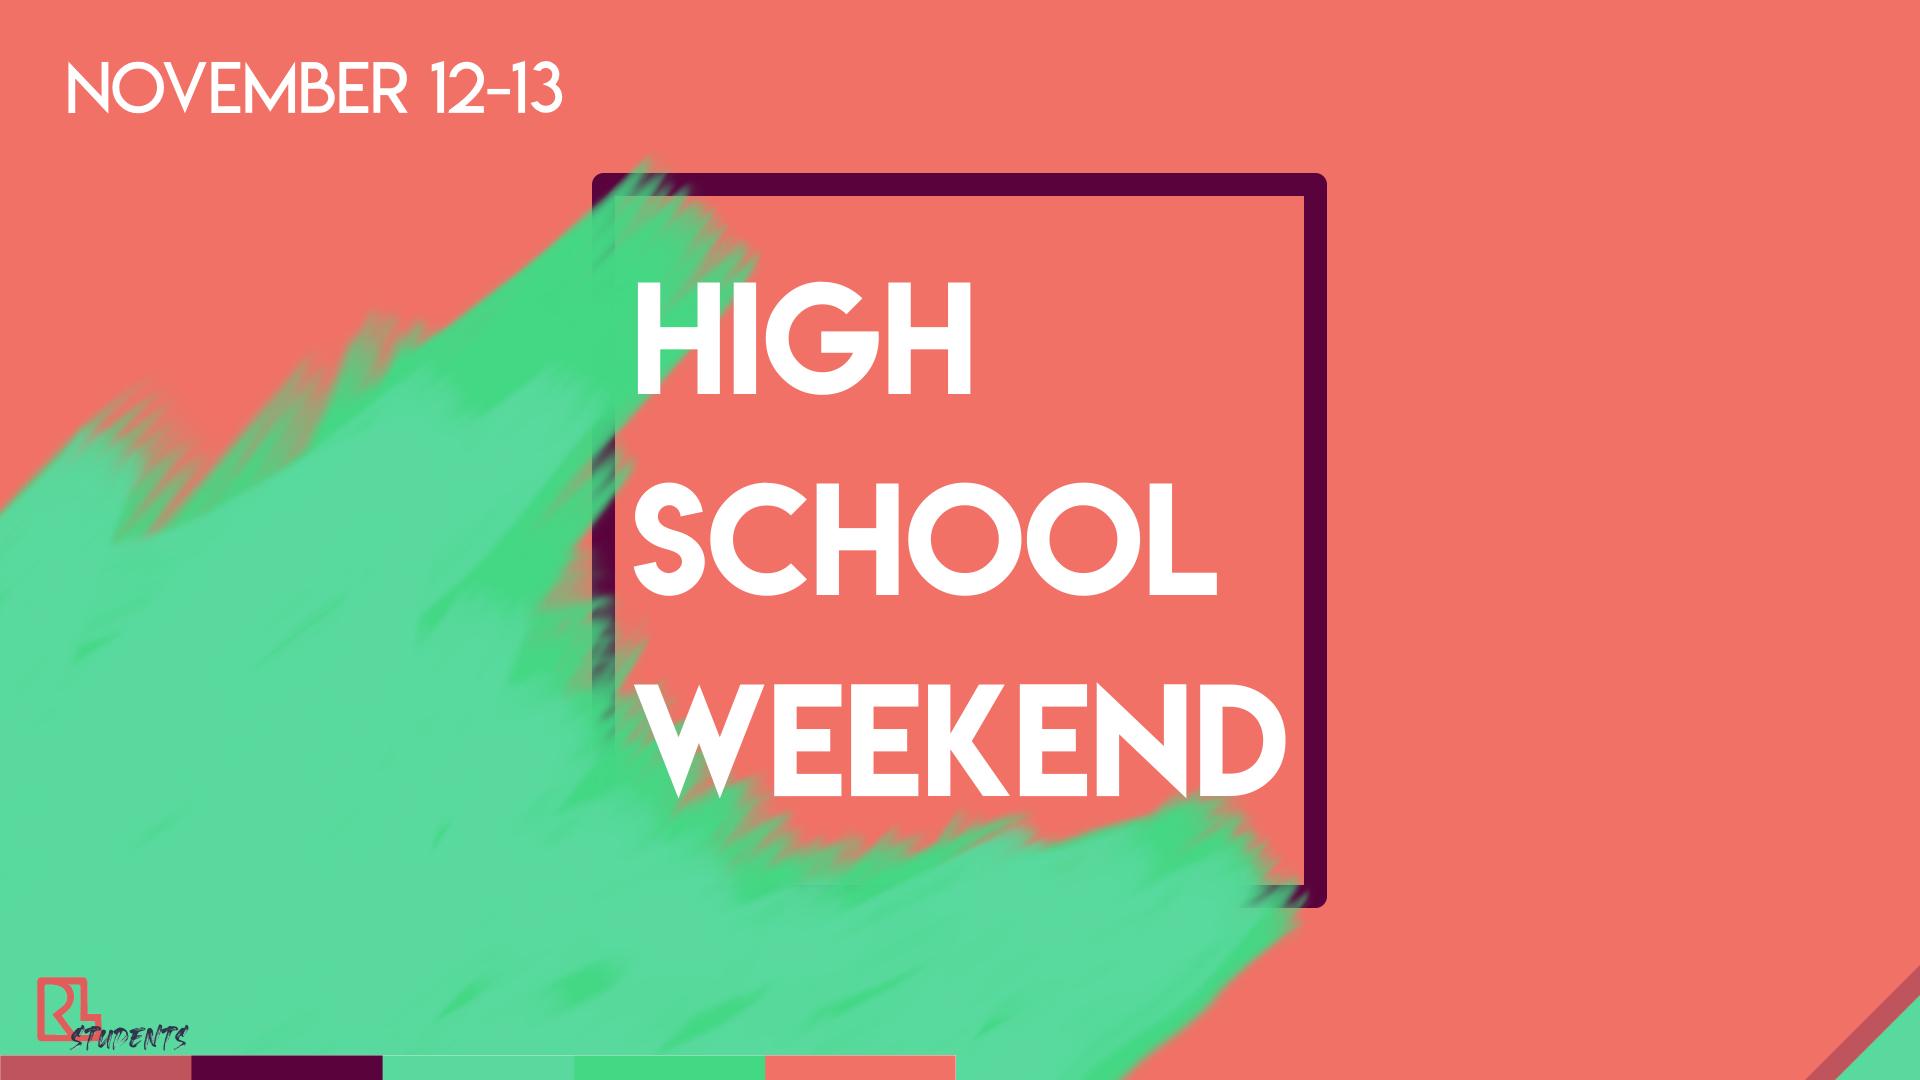 High School Weekend